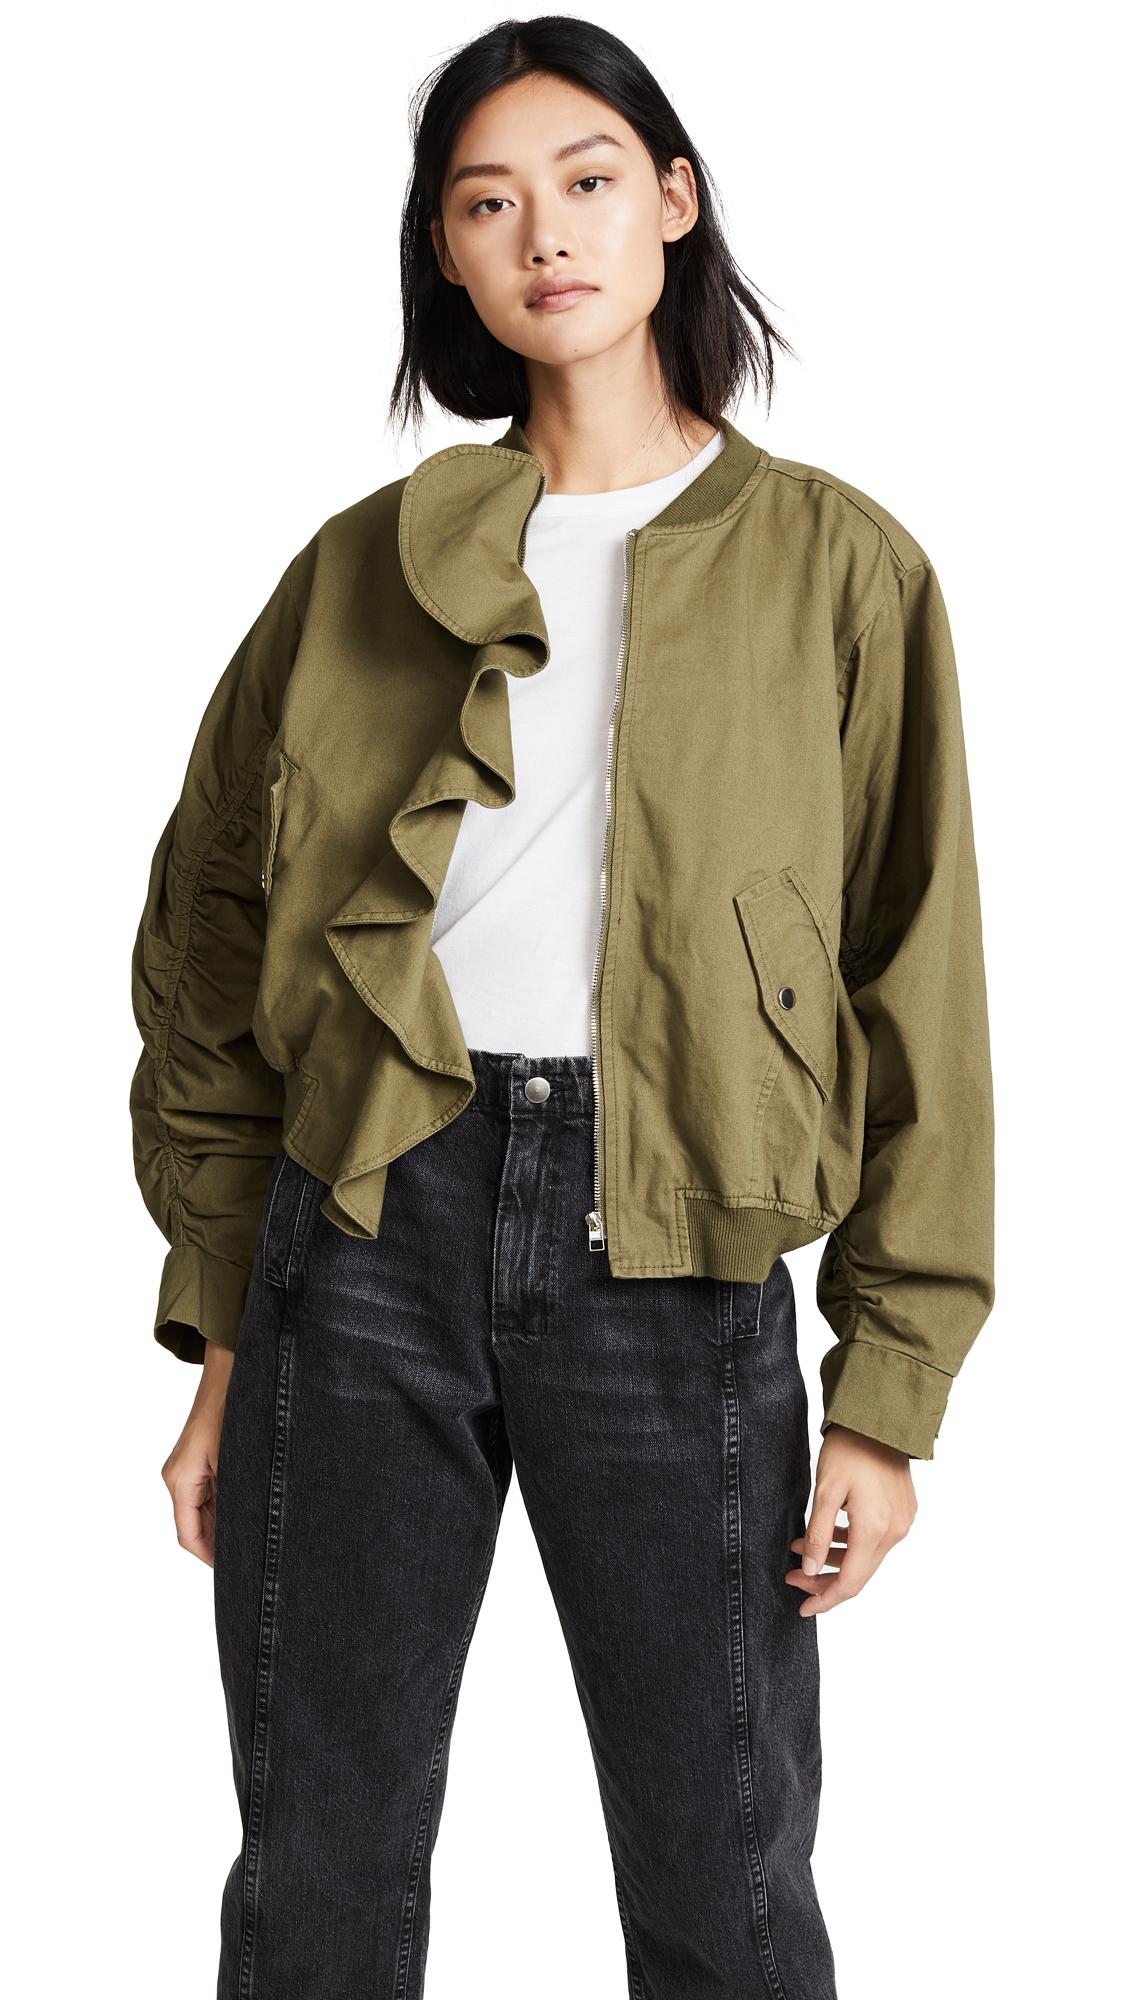 J.O.A. Ruffle Bomber Jacket - Green